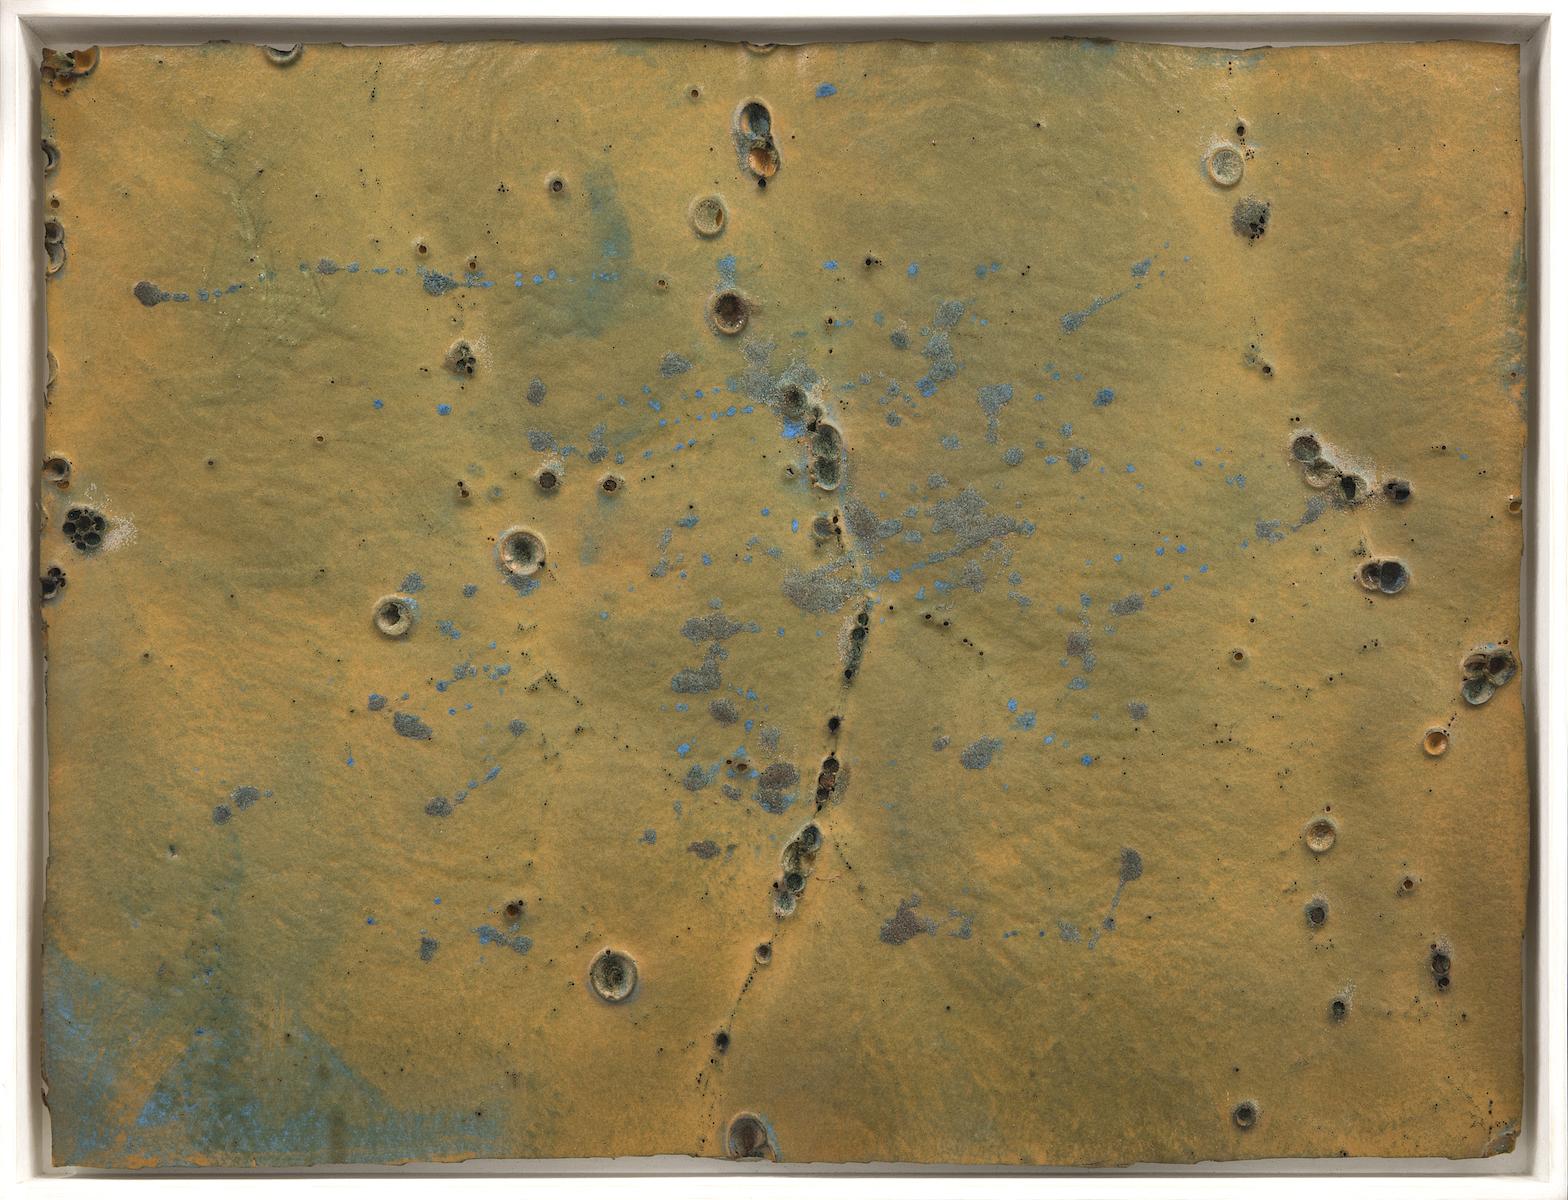 1969, olio e tecnica mista su gommapiuma, cm 60x80